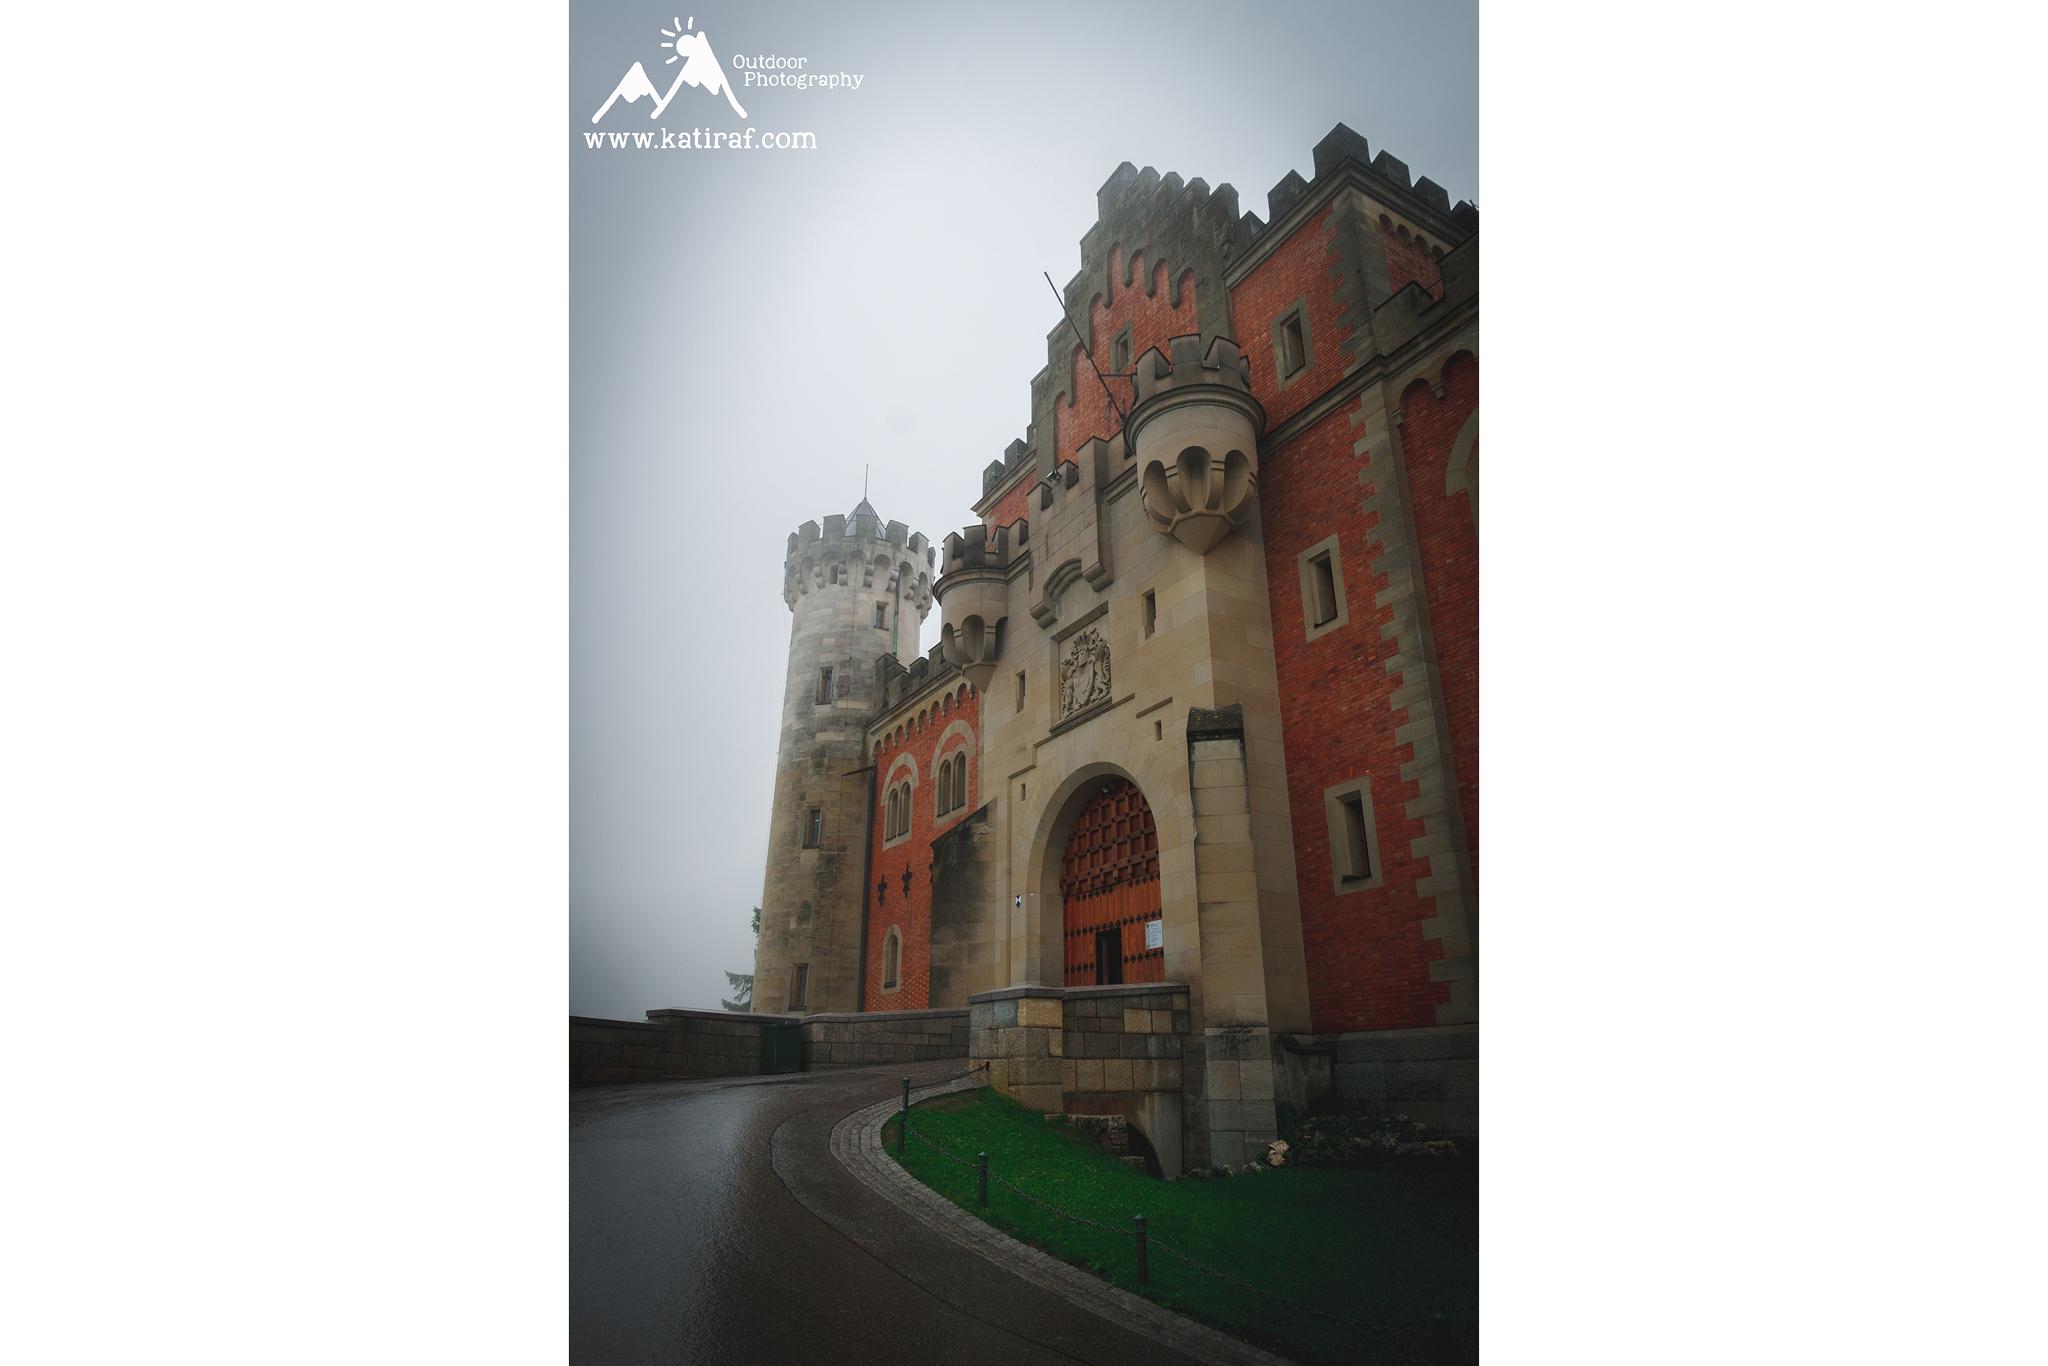 Najpiękniejsze zamki w Europie Zamek Neuschwanstein www.katiraf.com